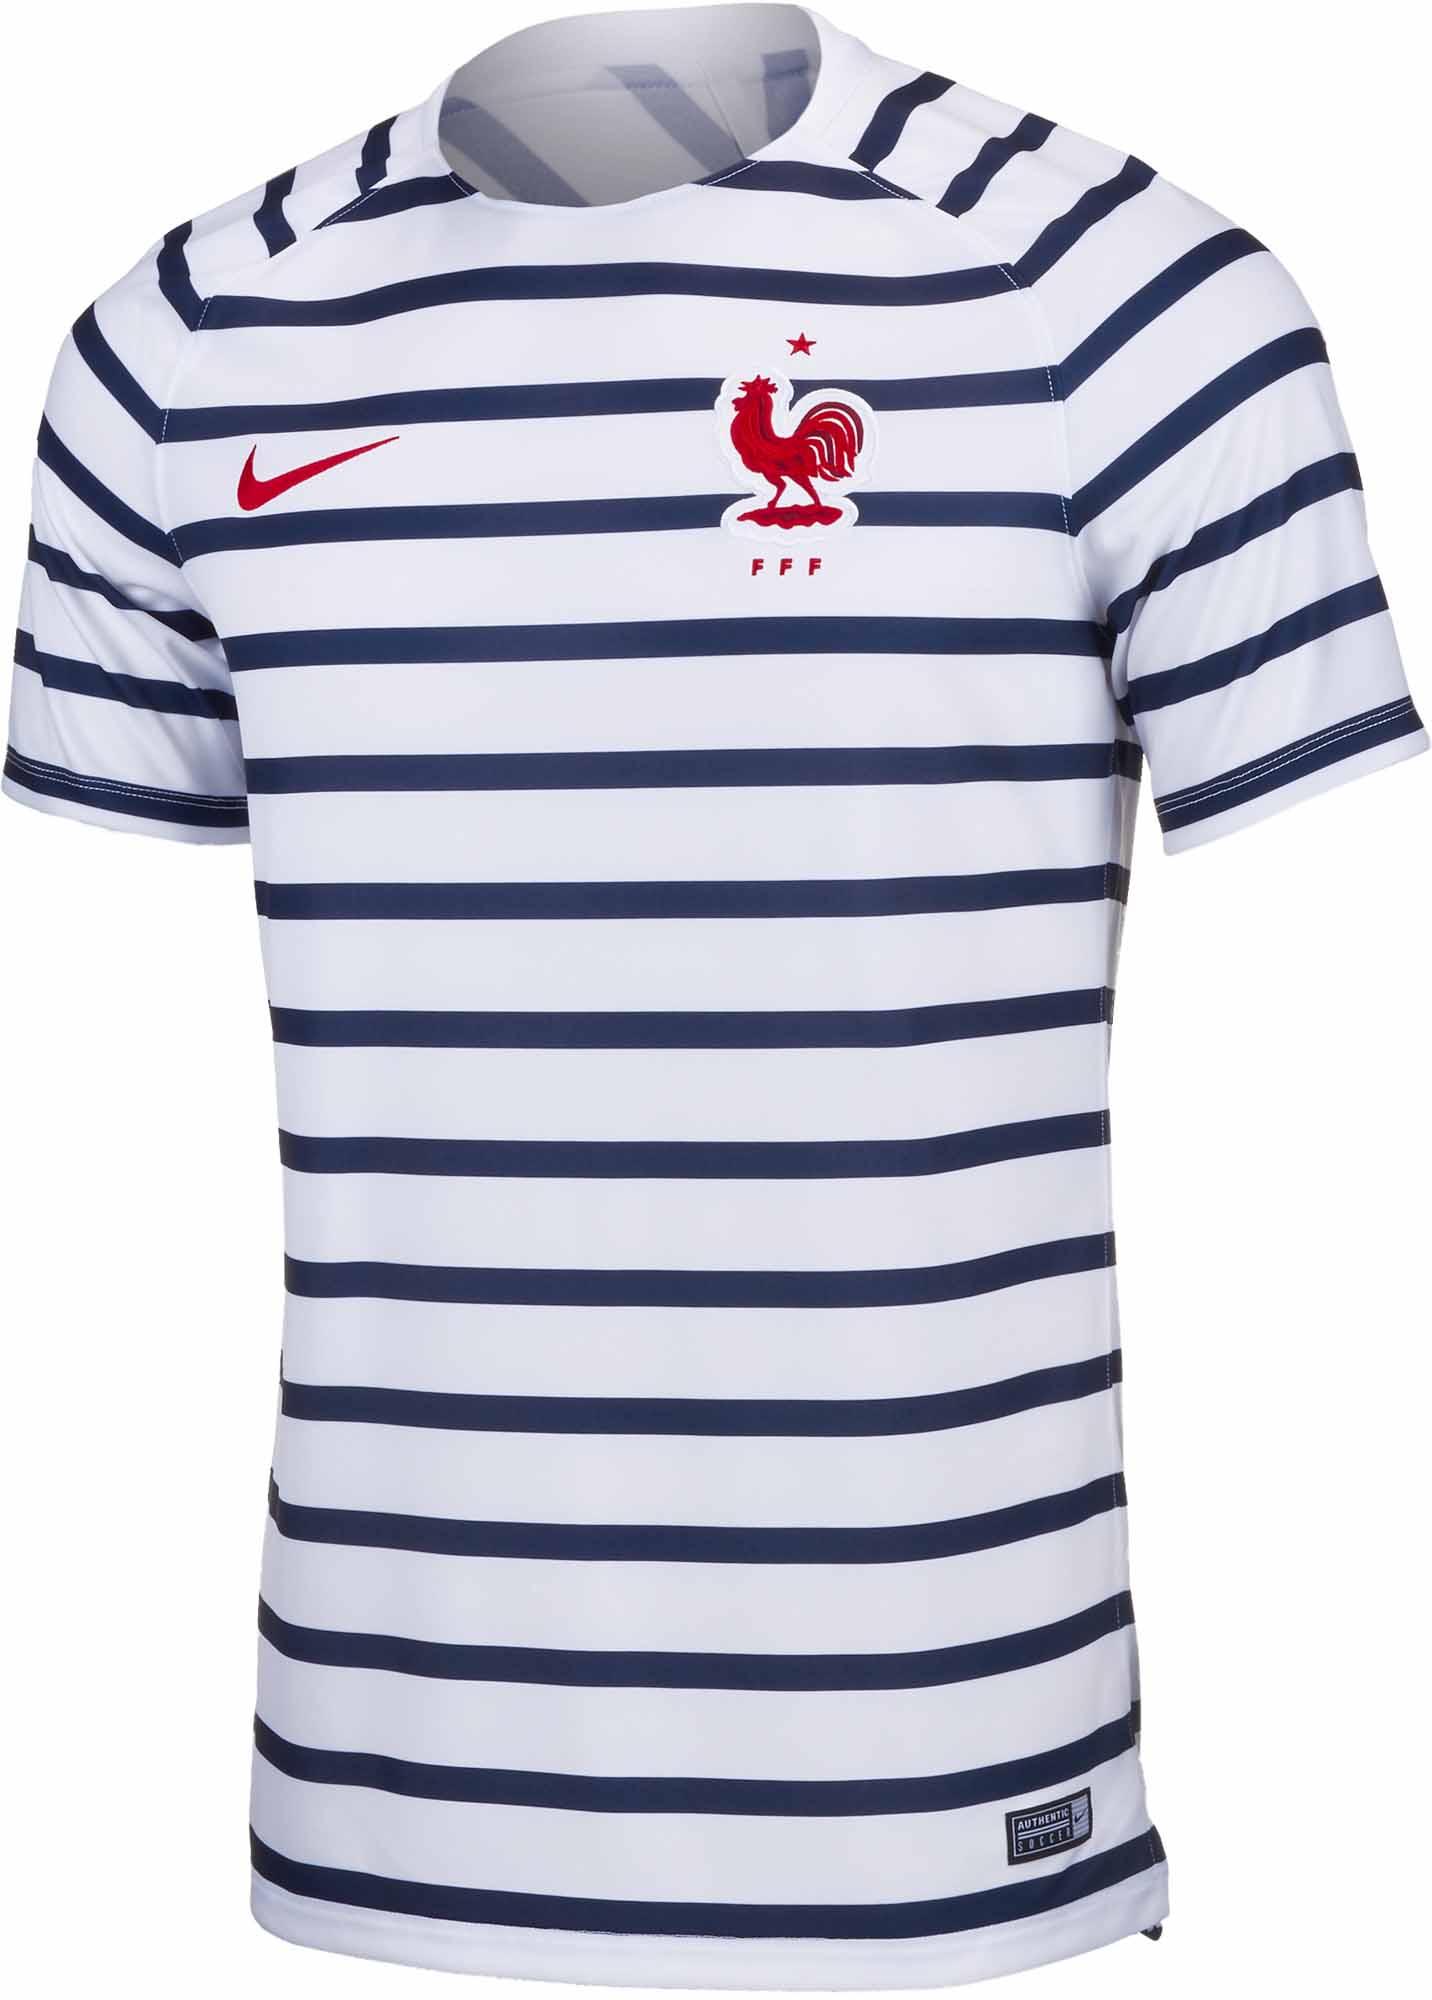 hullu hinta yksinoikeudella käsitellään uusi tuote Nike France Pre-Match Jersey 2018-19 - Soccer Master